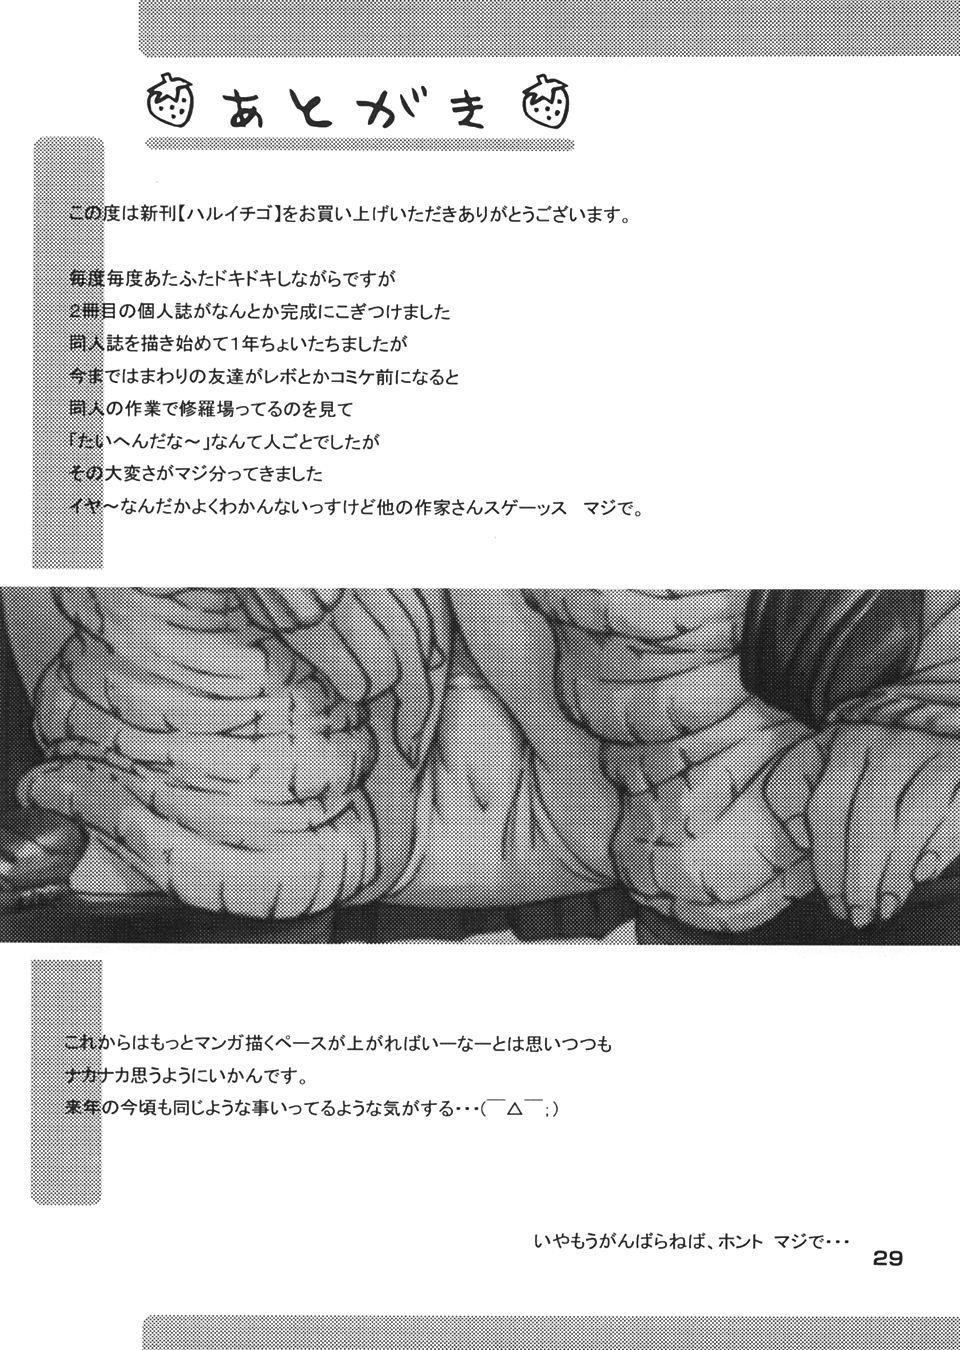 Haru Ichigo - Spring Strawberry 27